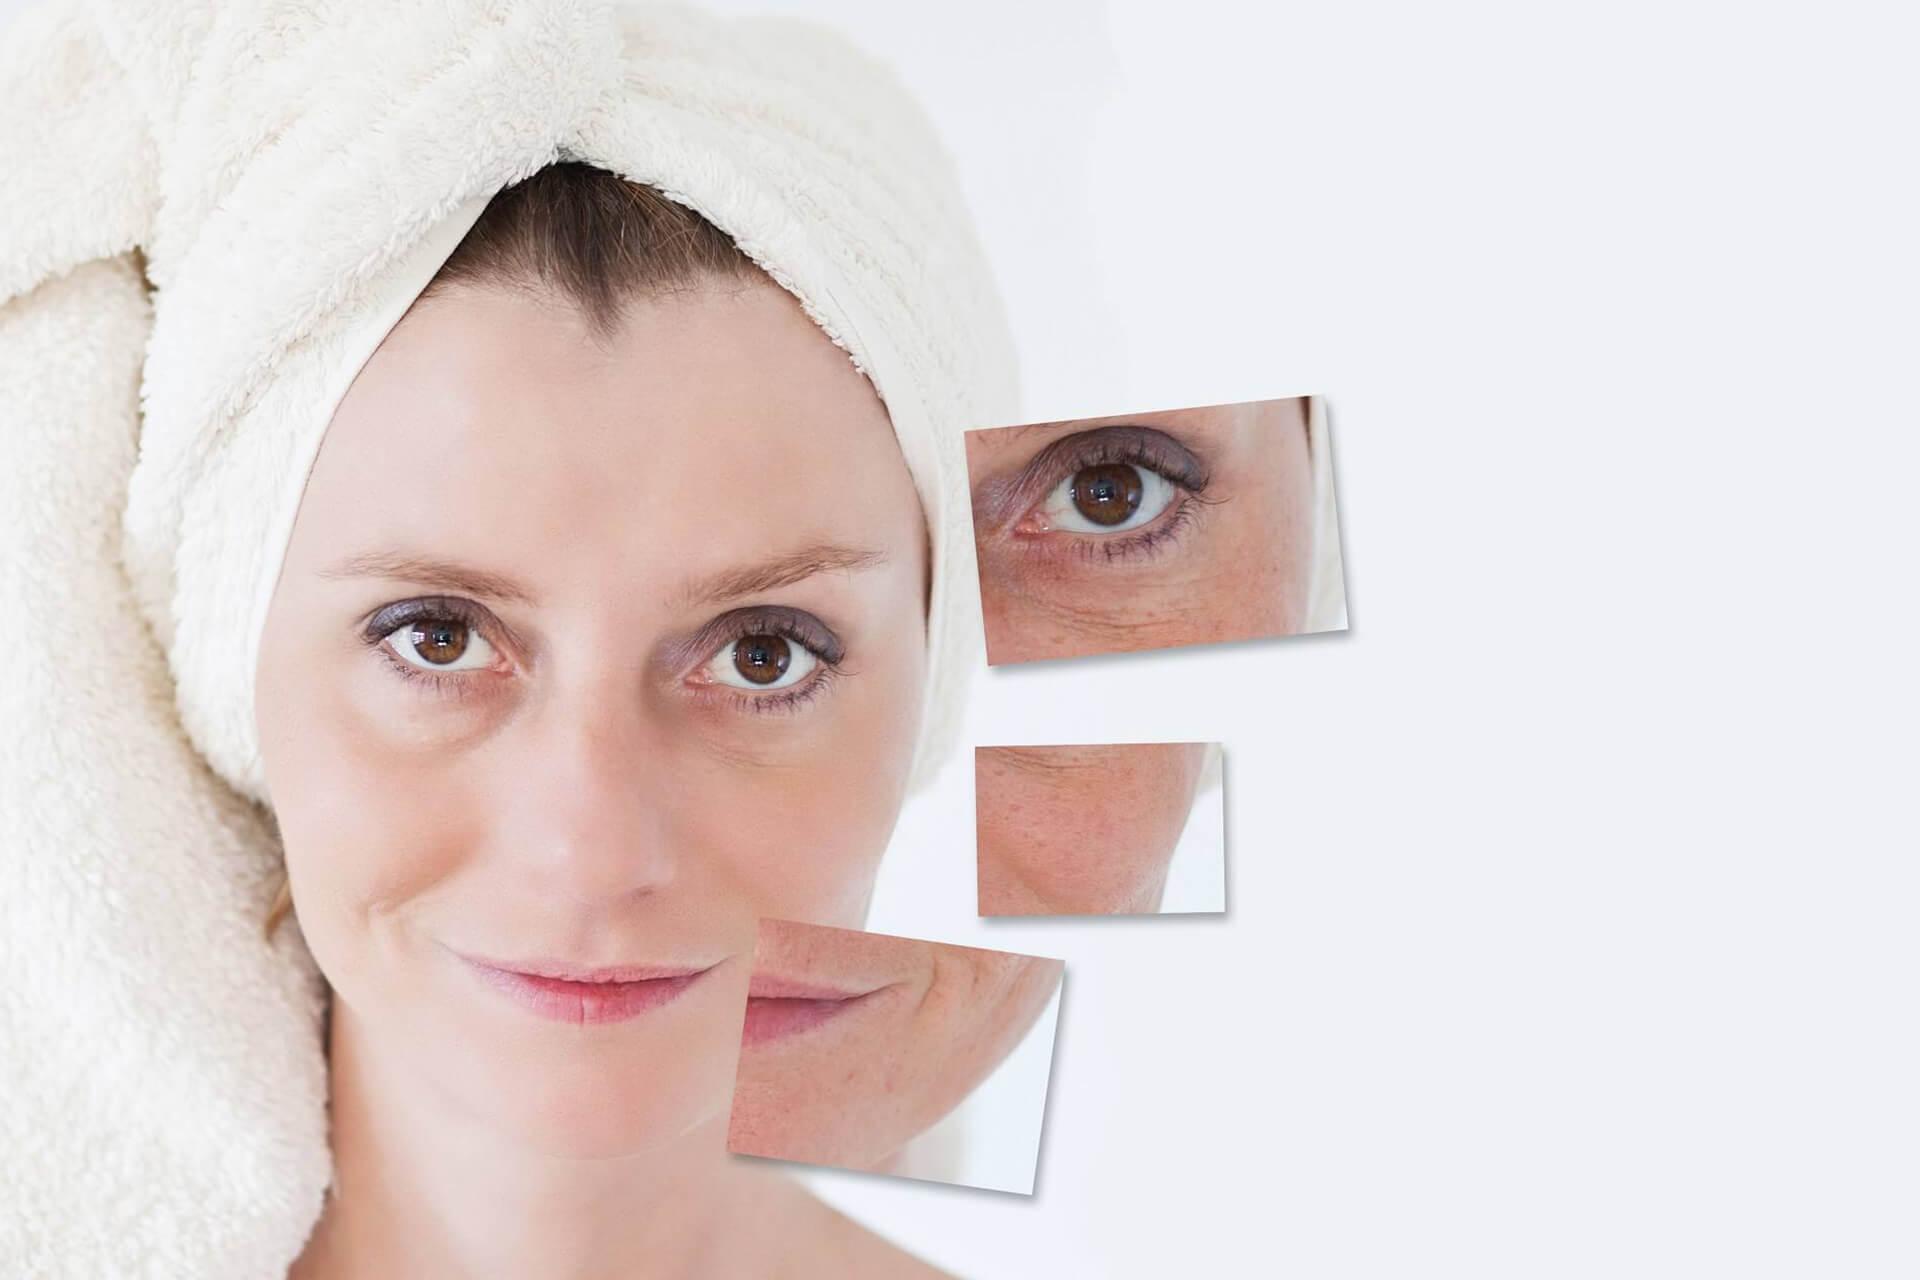 Dermatolog Danuta Nowicka_Profilaktyka starzenia i odmładzanie skóry